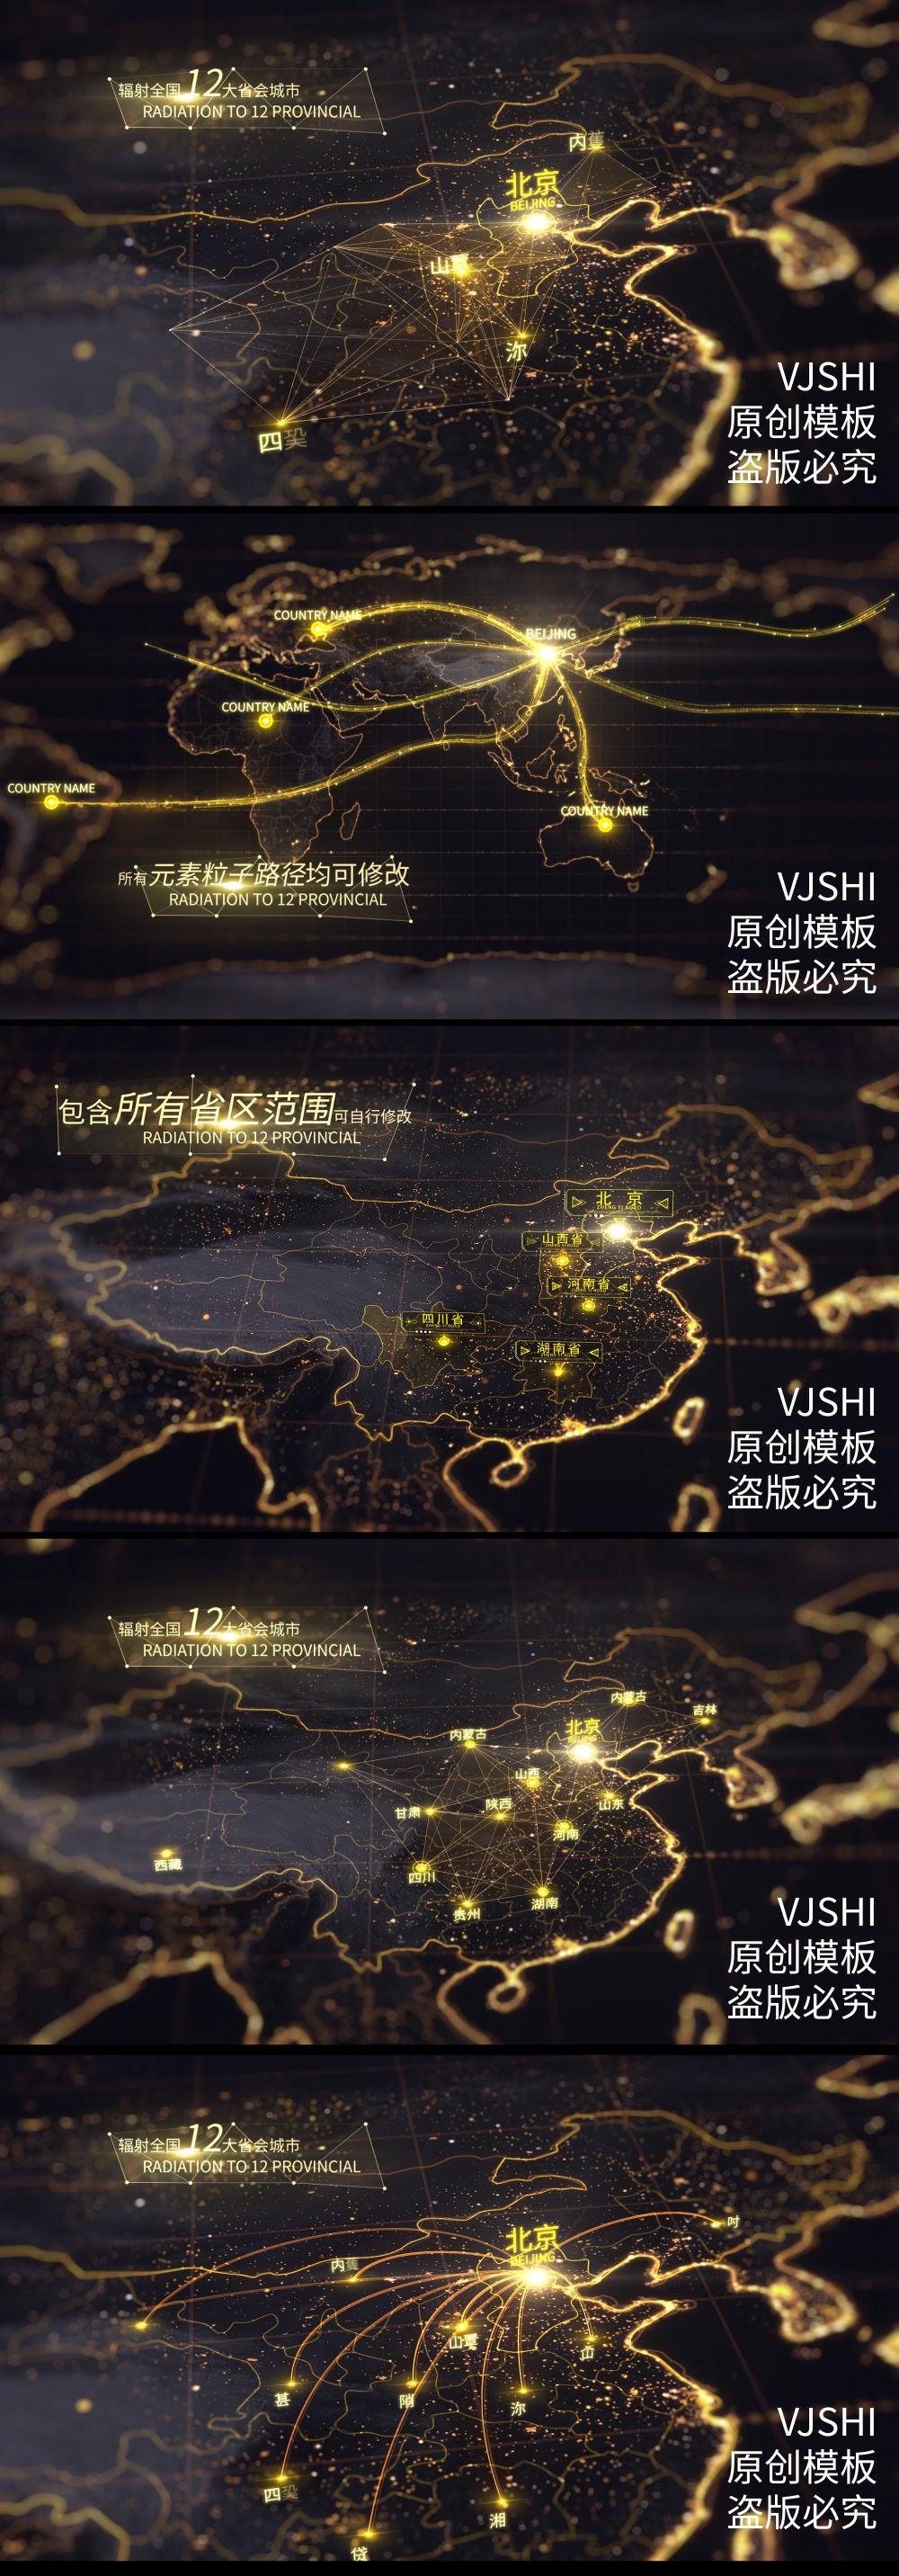 原创大气金色粒子地图AE模板三个版本